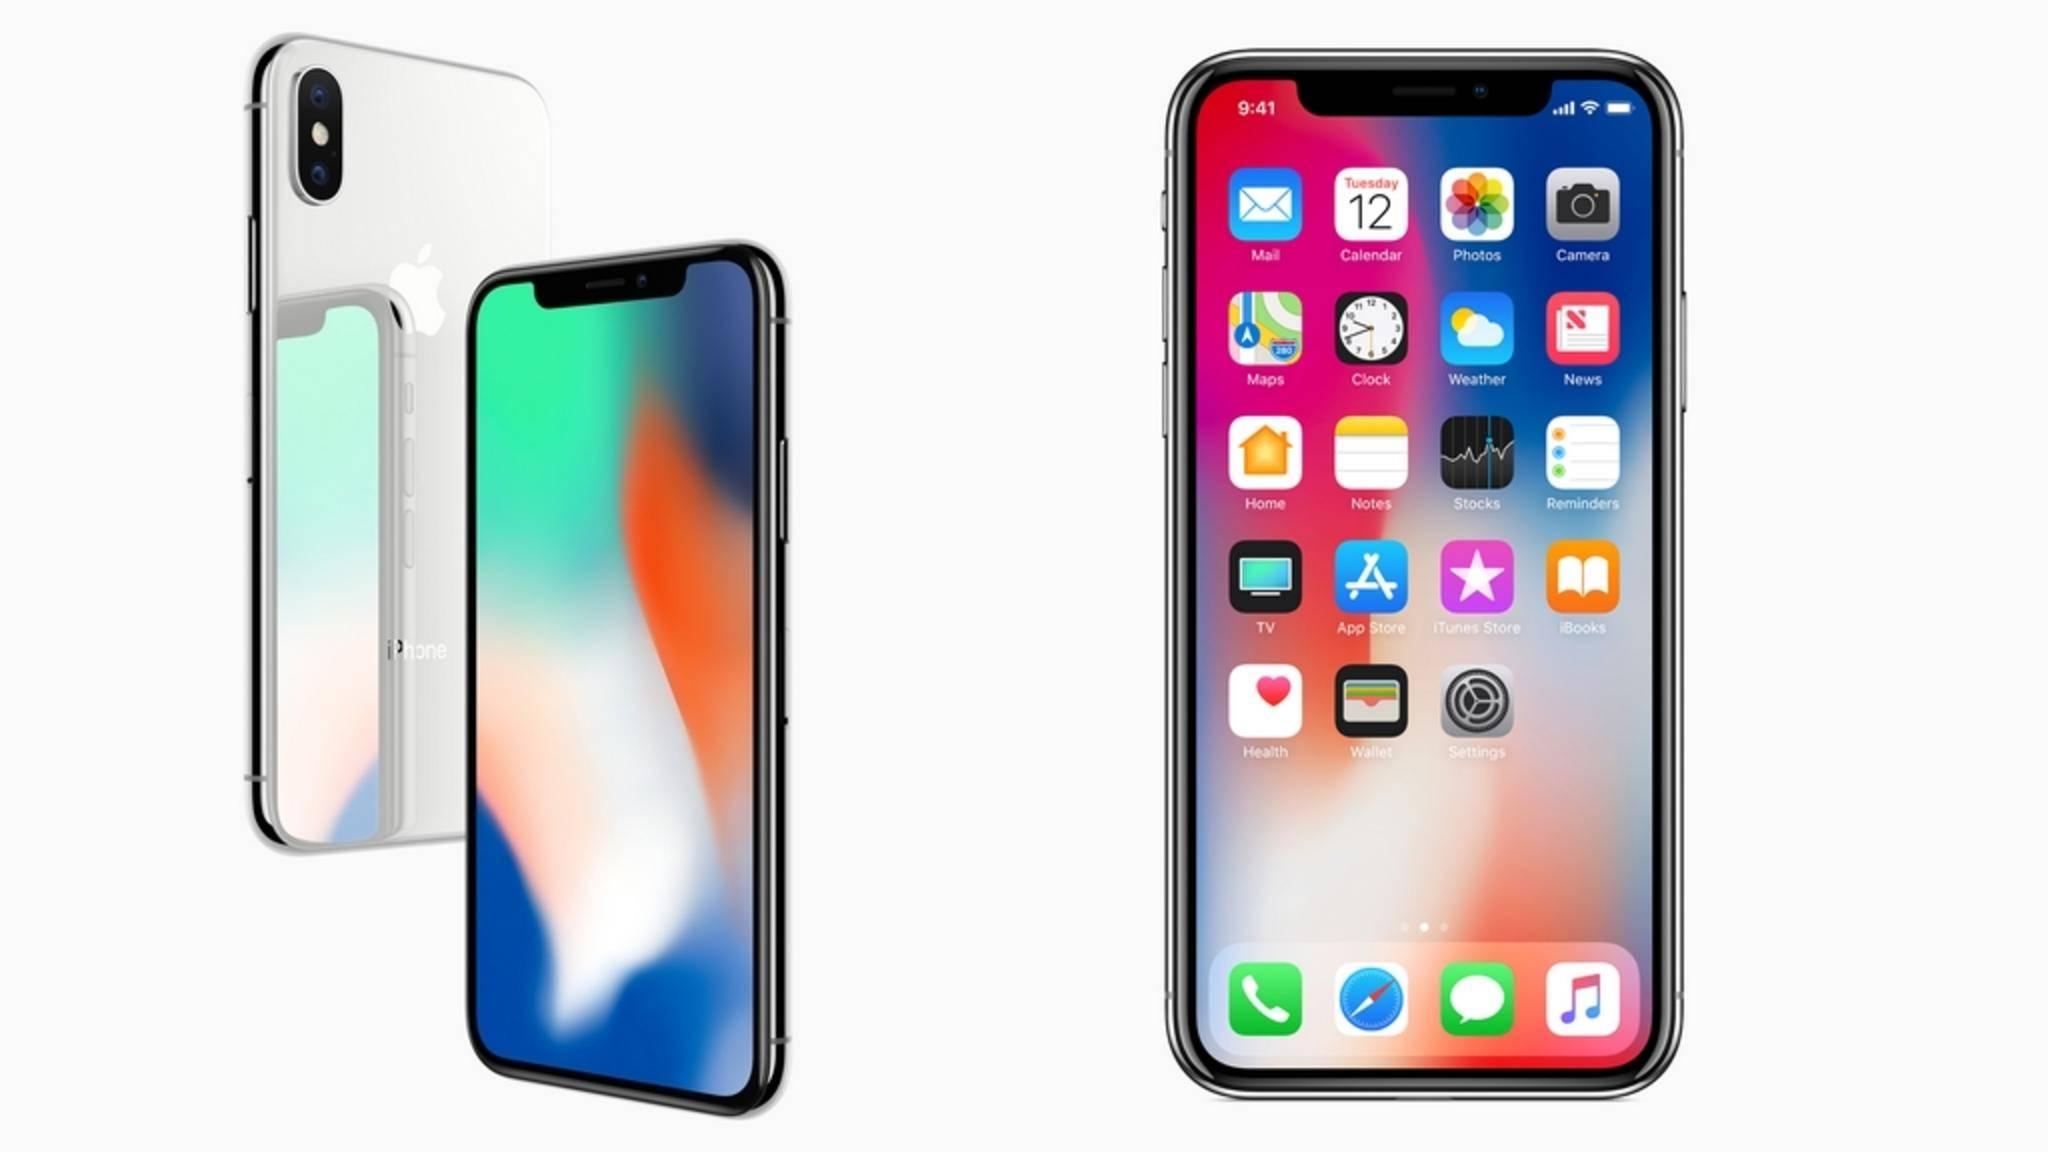 Für das Multitasking sind die 3 GB Arbeitsspeicher des iPhone X suboptimal.